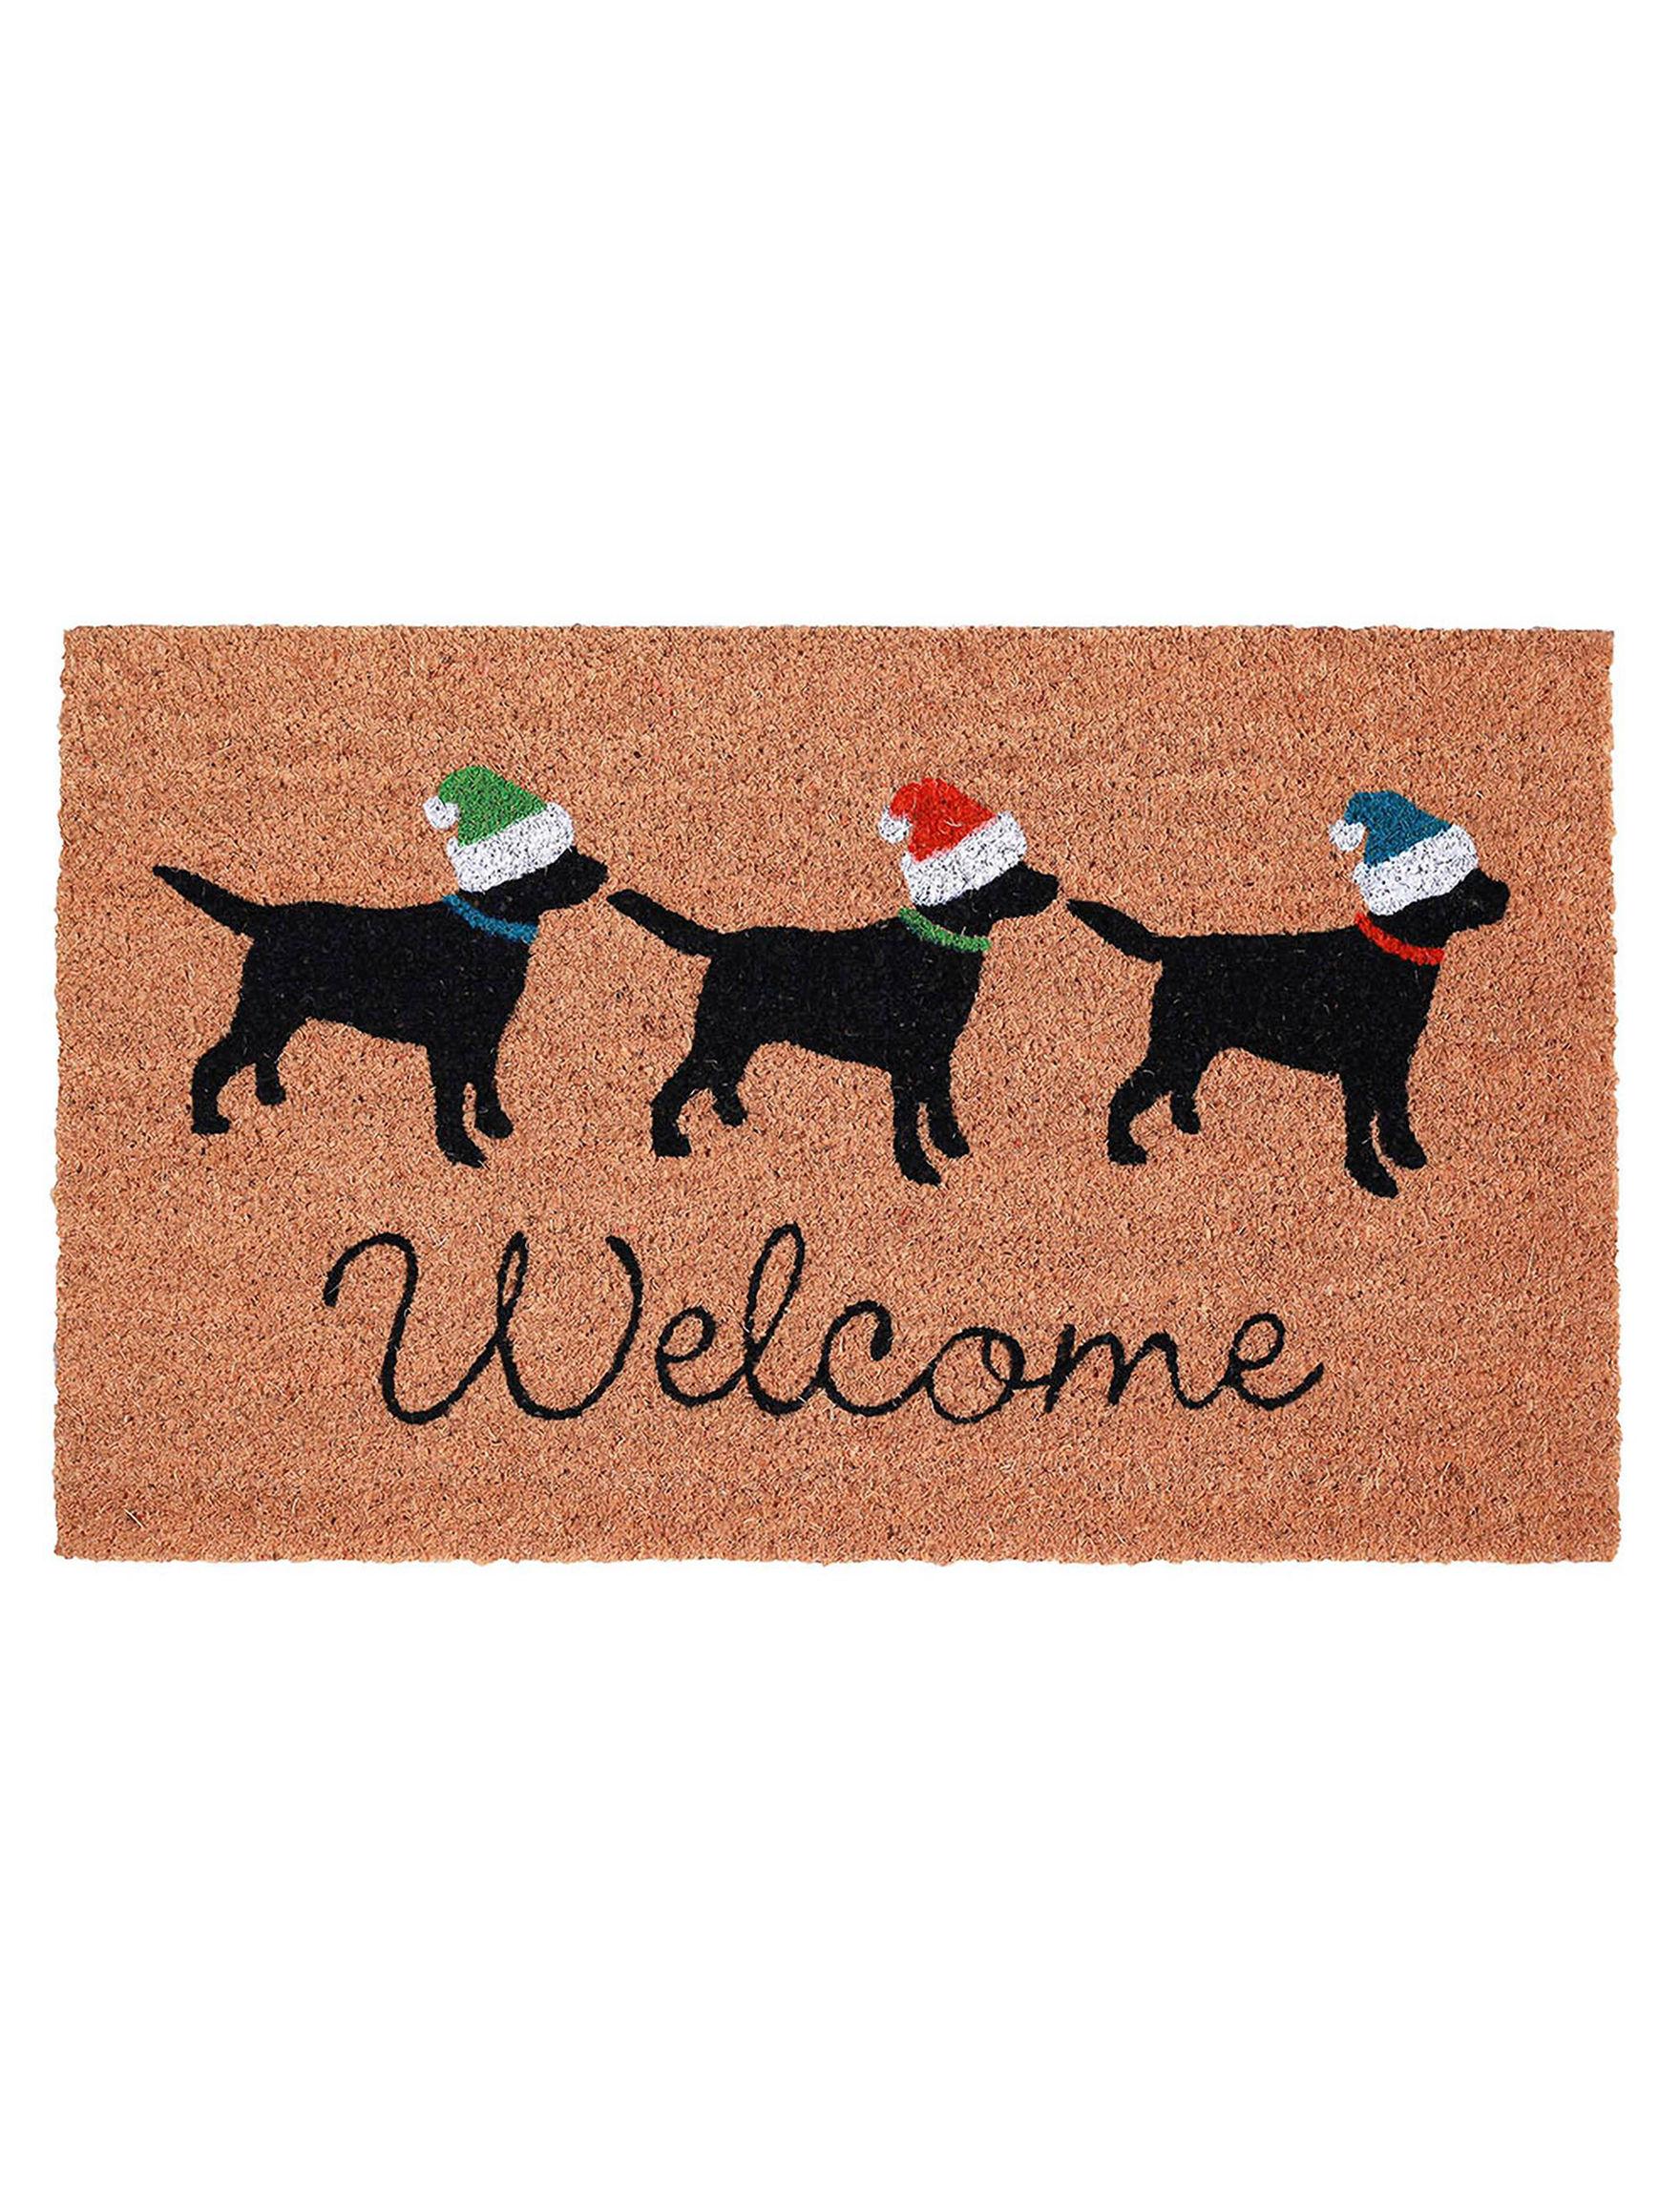 Trans Ocean Brown Outdoor Rugs & Doormats Outdoor Decor Rugs